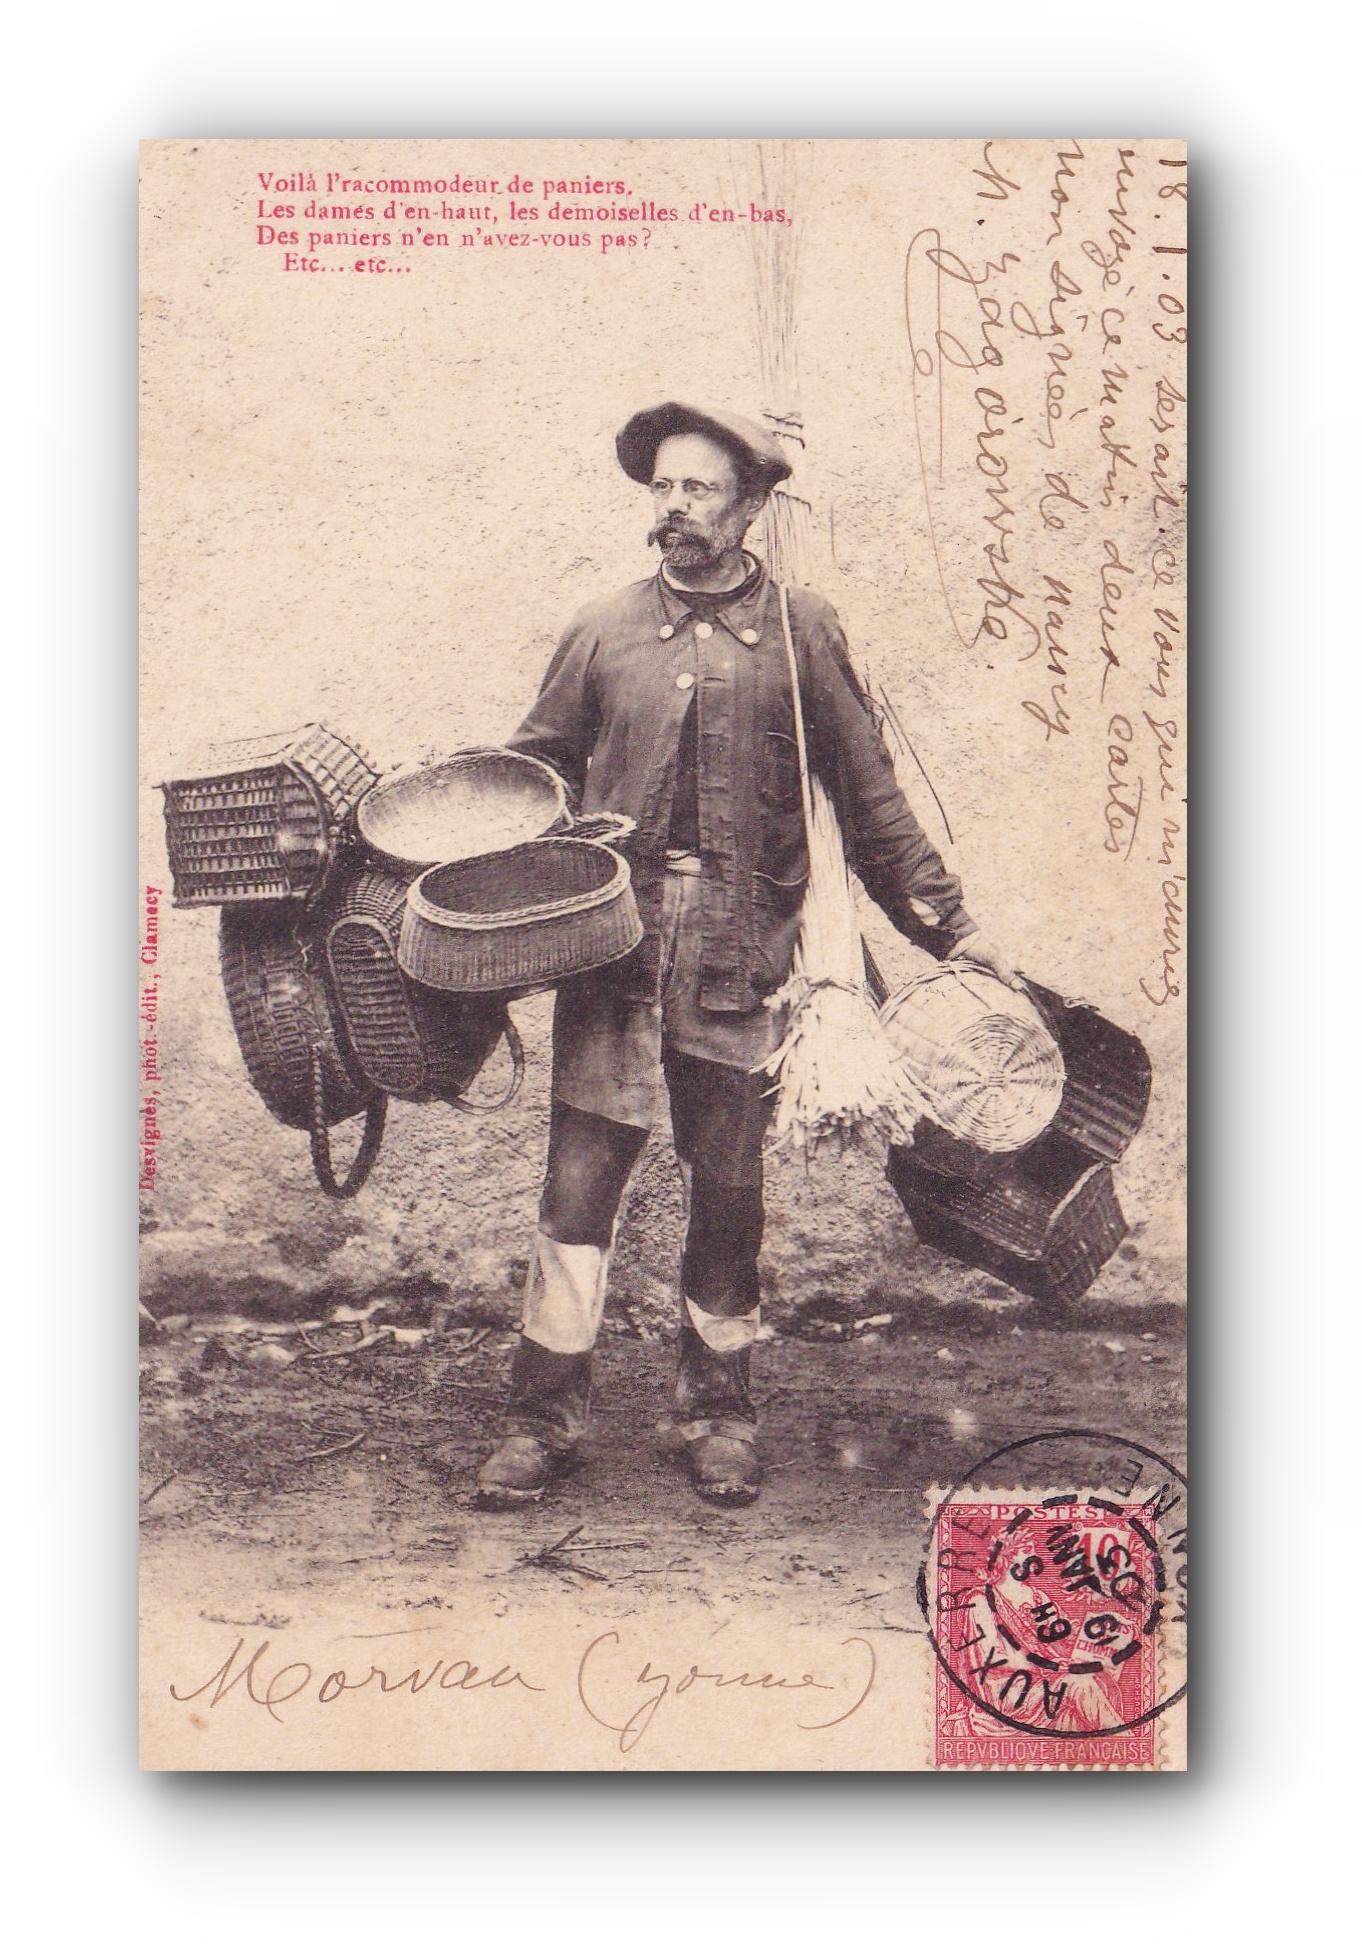 L'accommodeur de paniers - 19.01.1903 - Der Stuhlflechter -  The chair weaver